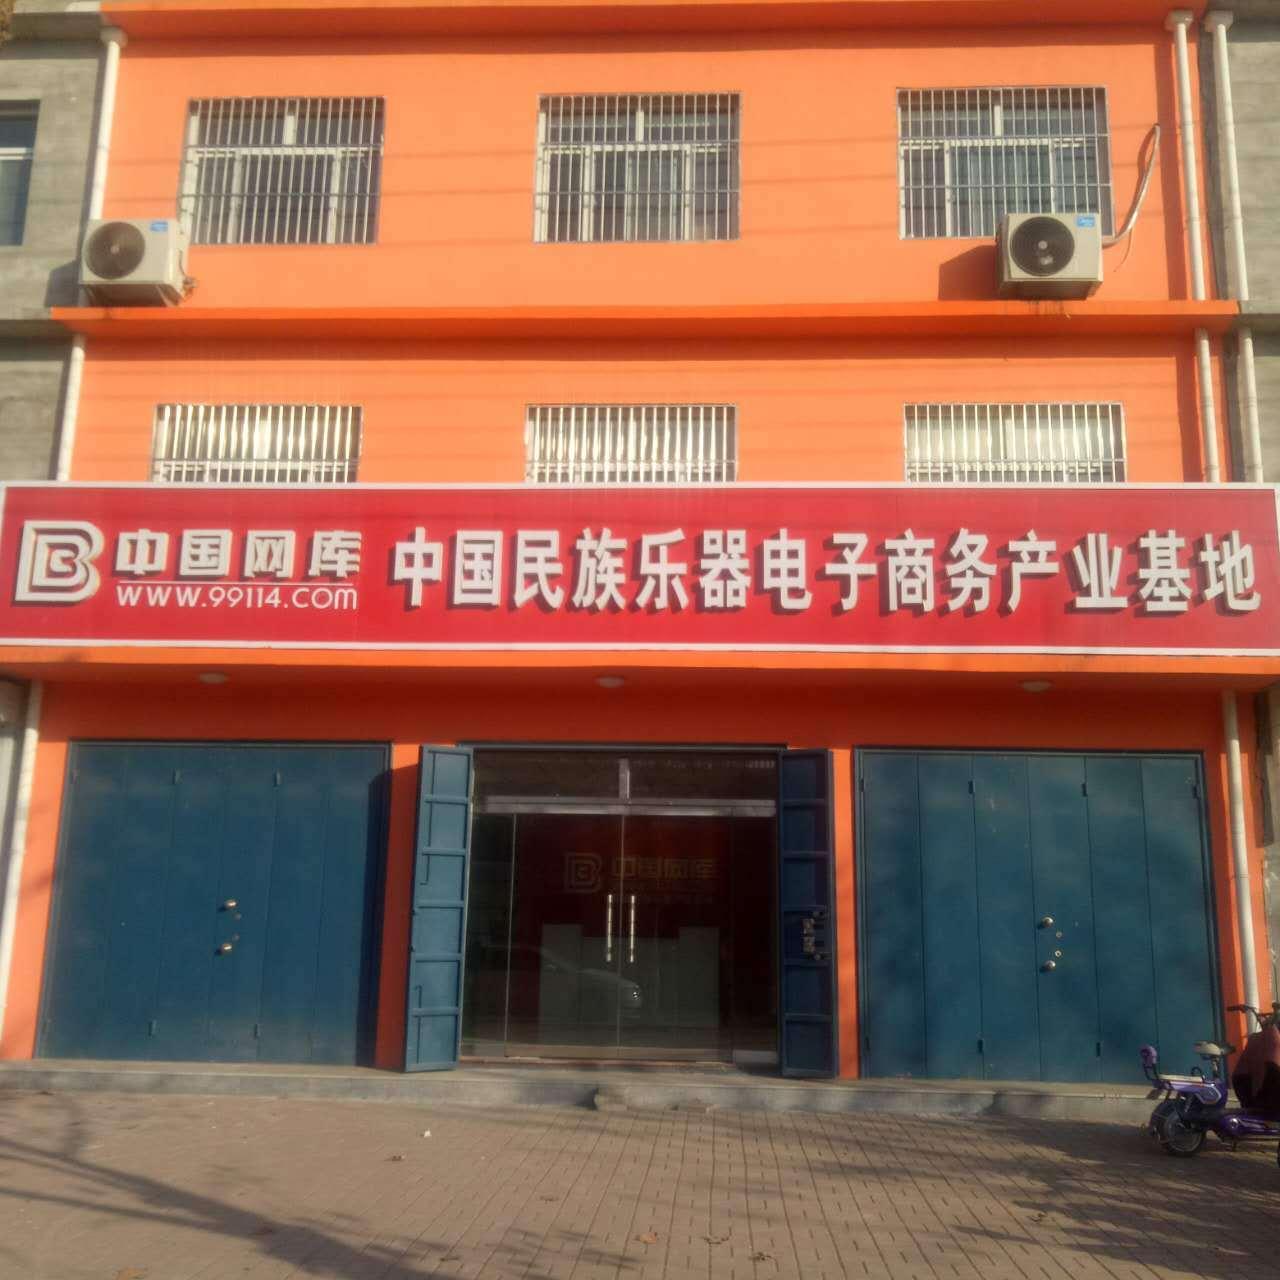 饶阳网库官方旗舰店